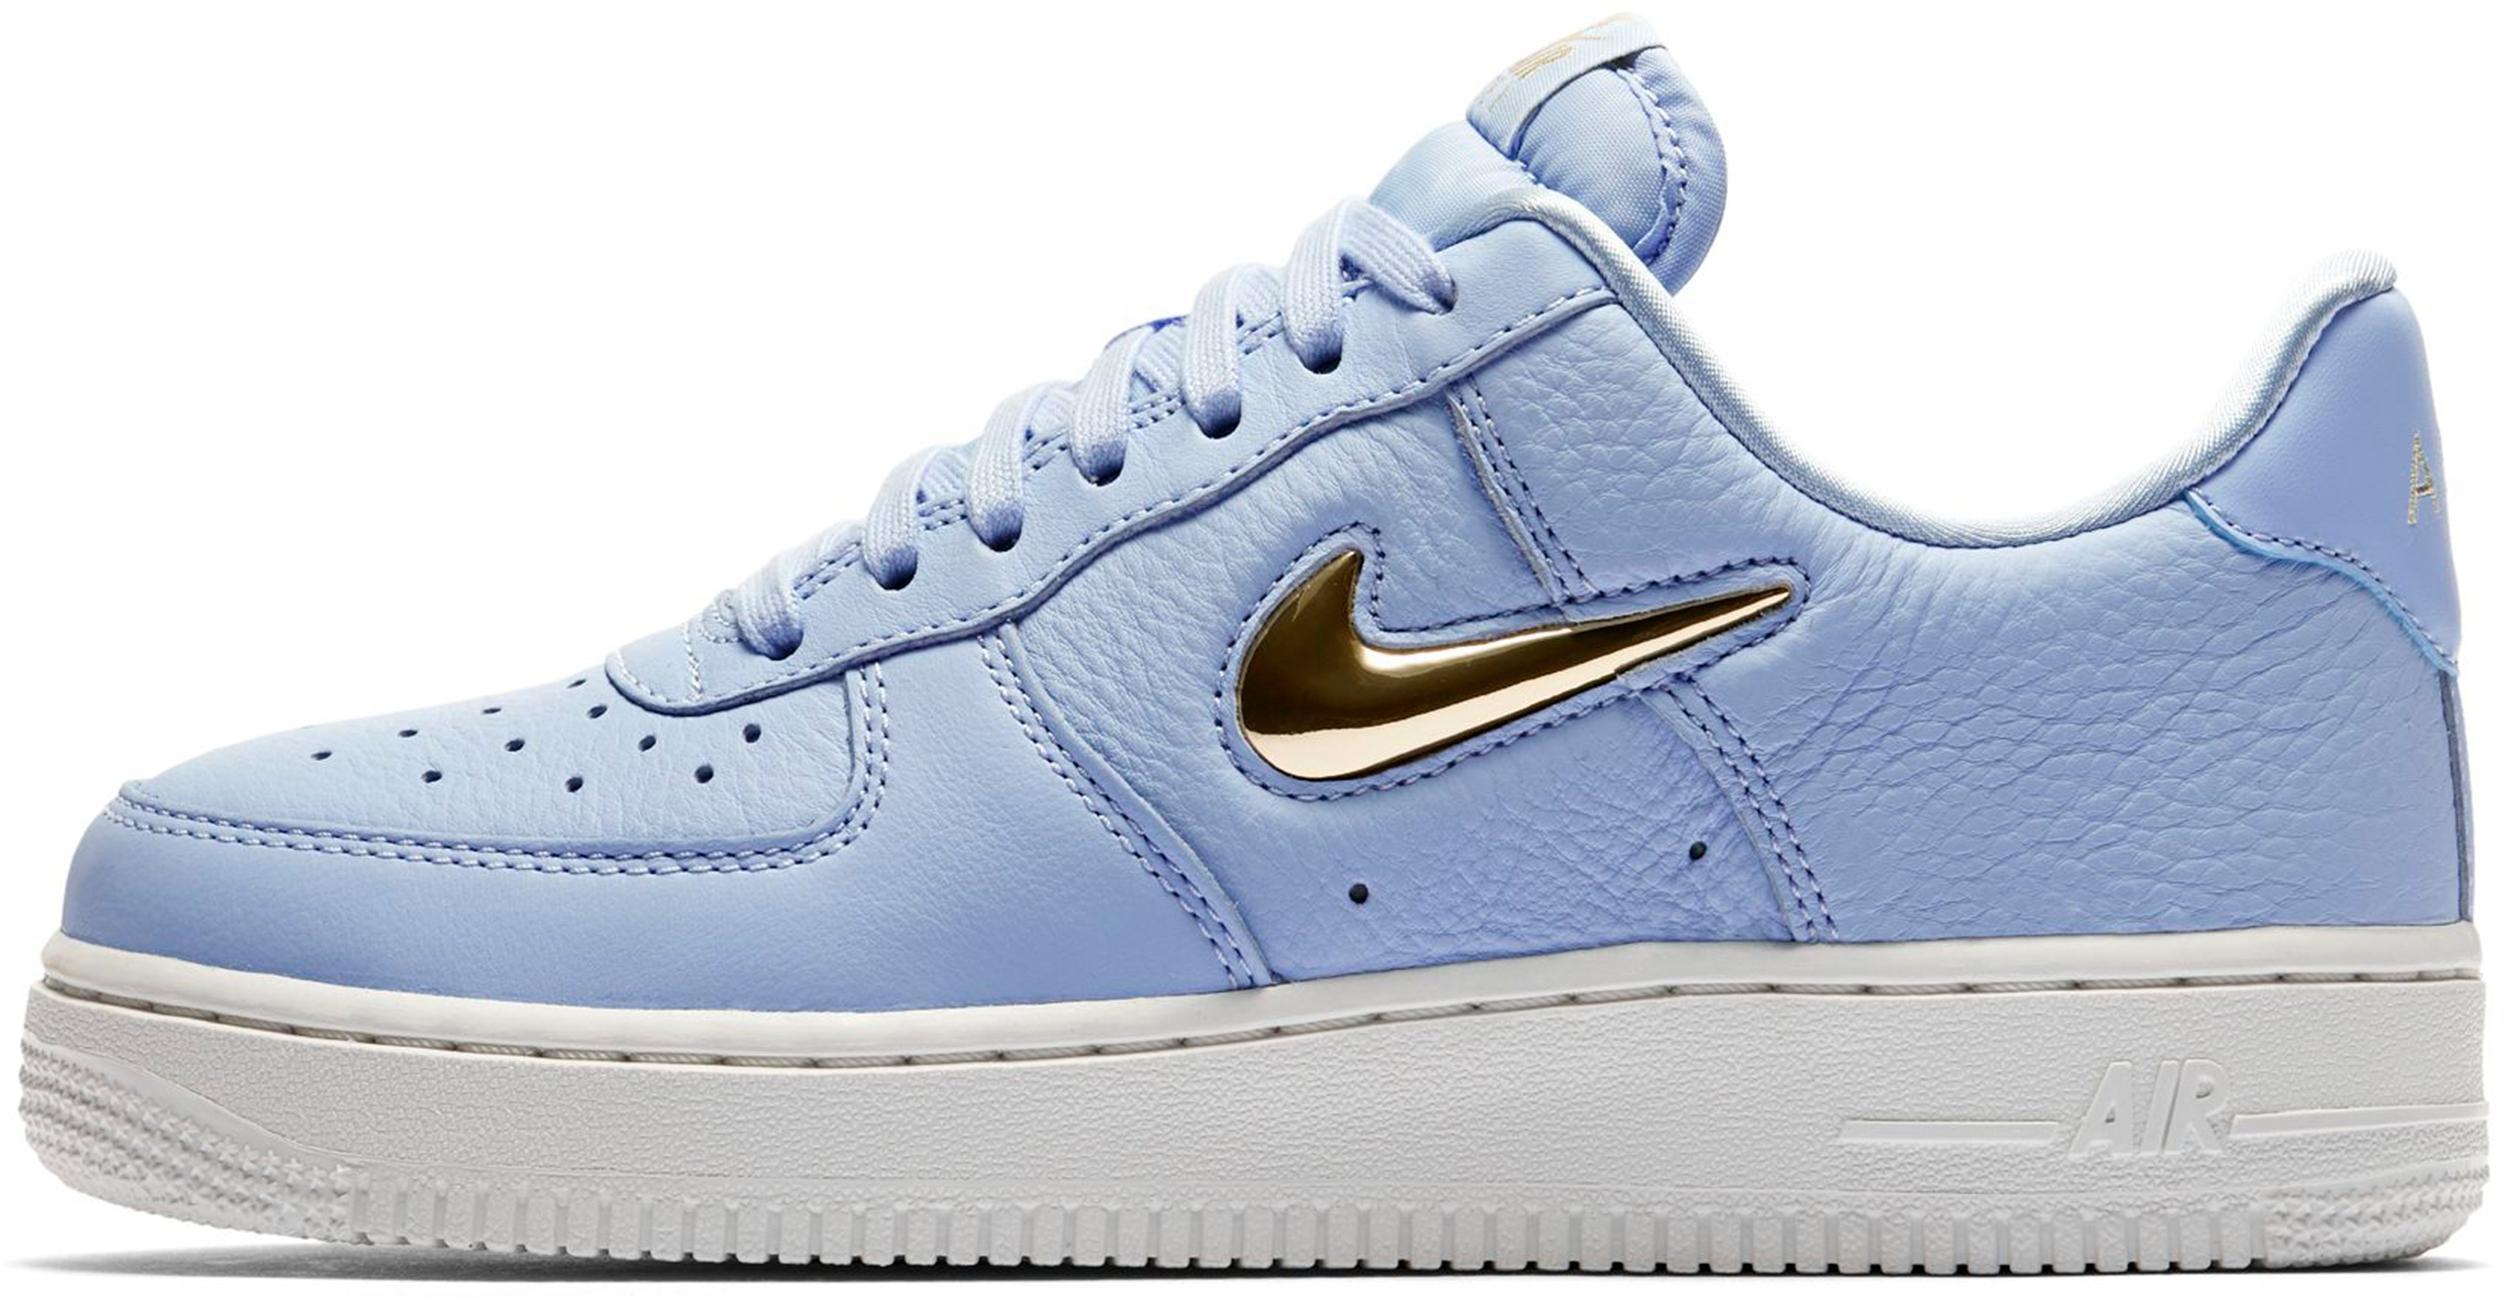 Nike Air Force 1 ´07 PRM Sneaker Damen royal tint-metallic gold star-summit  white im Online Shop von SportScheck kaufen